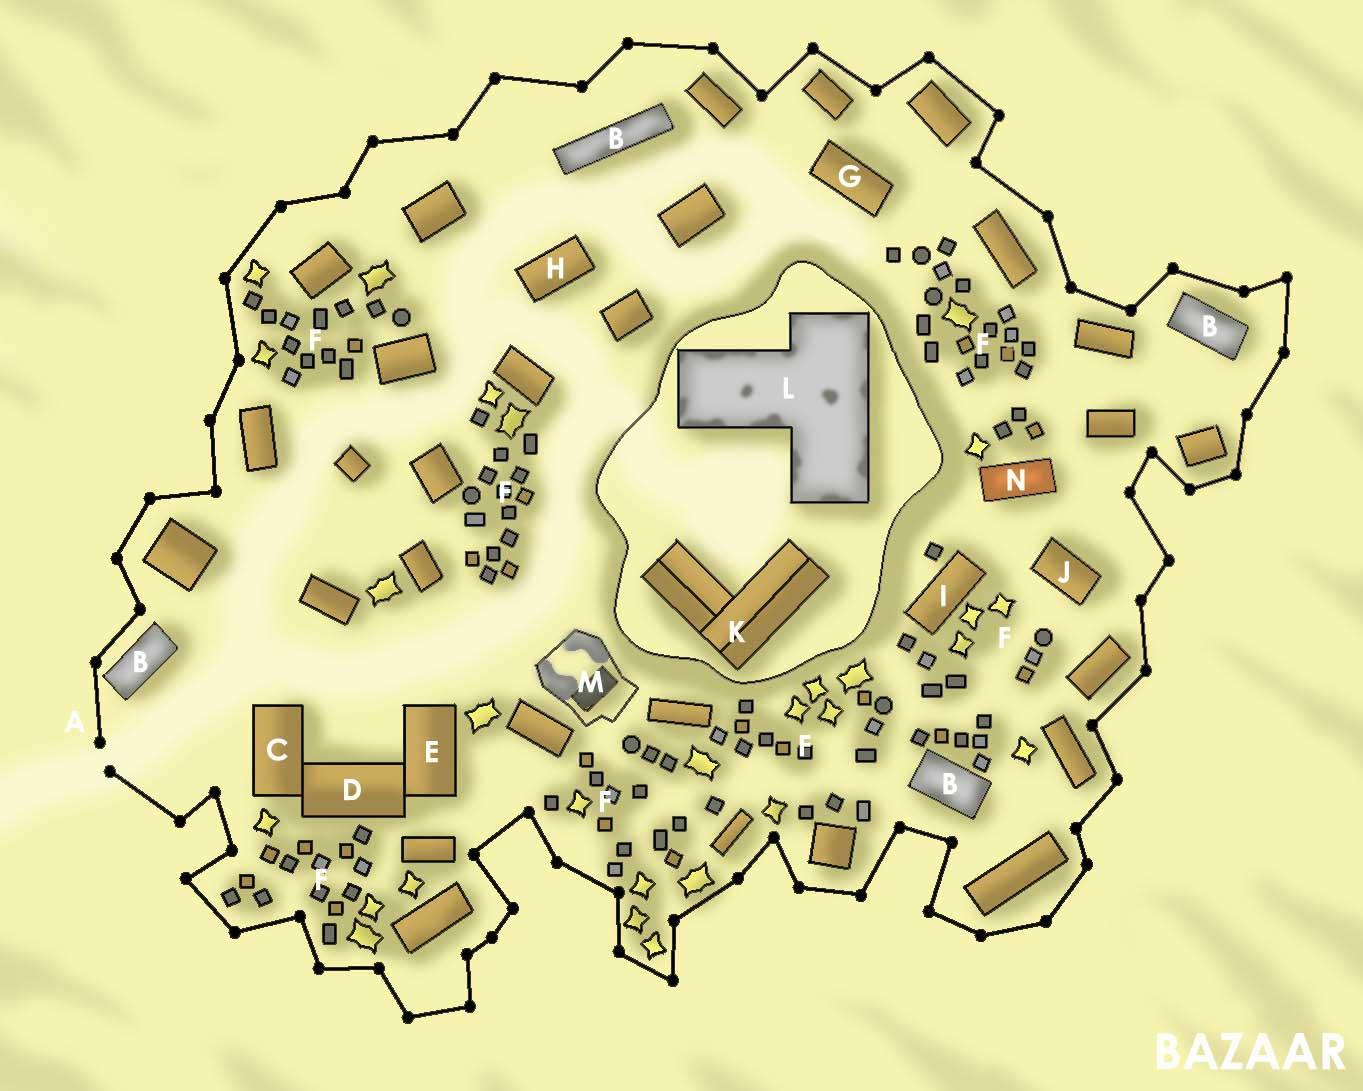 Bazaar map